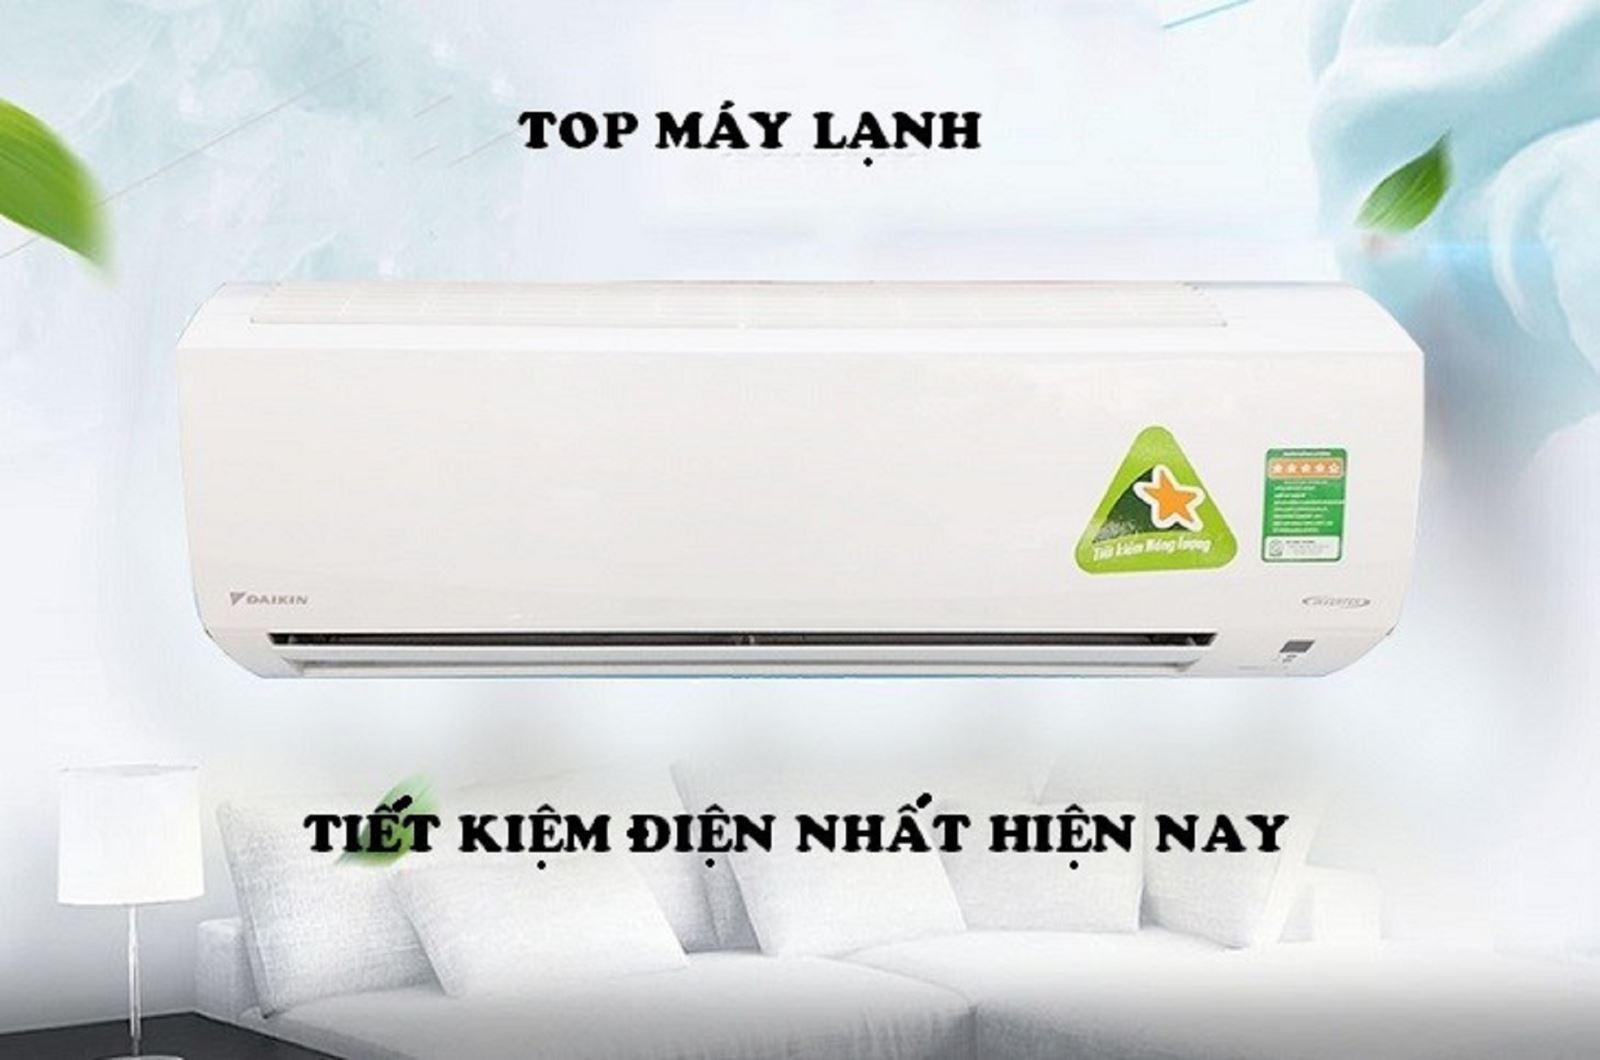 Top 5 máy lạnh tiết kiệm điện tốt nhất hiện nay